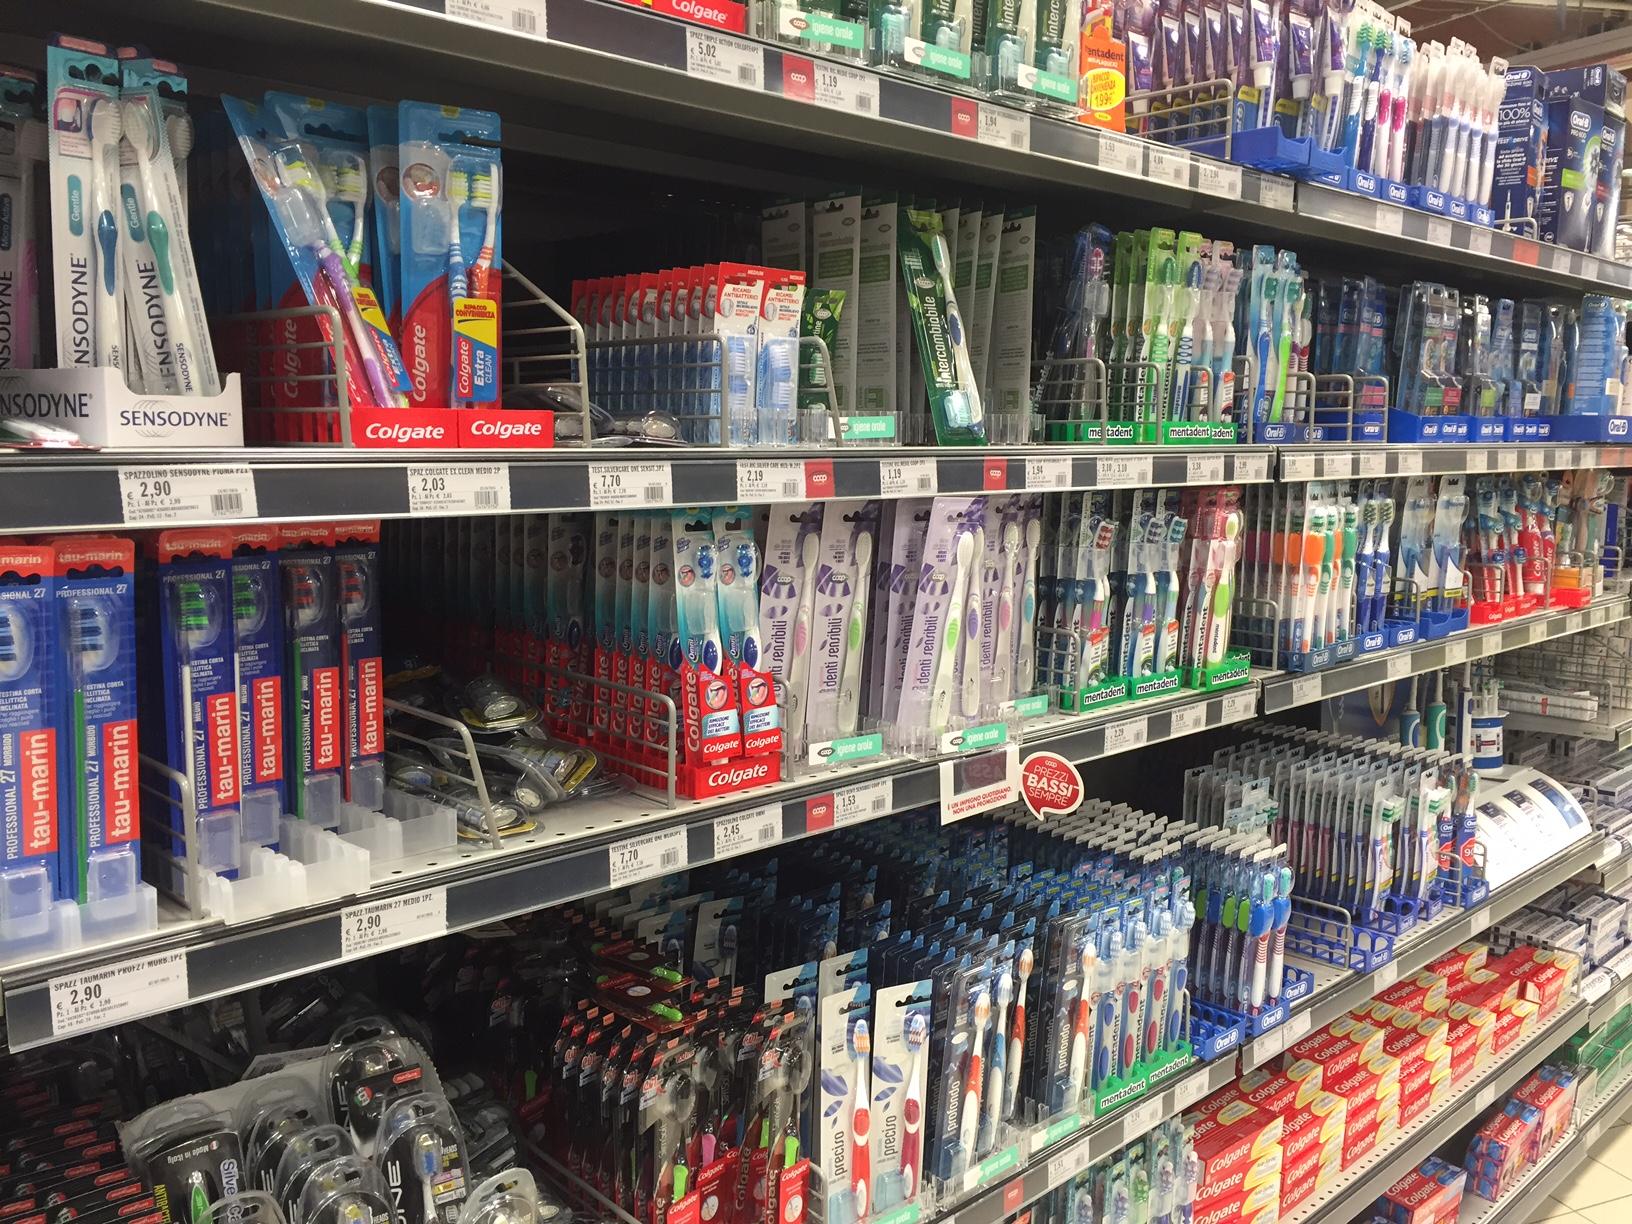 Letto Morbido O Duro : Le regole dello spazzolino perfetto ovvero come scegliere lo